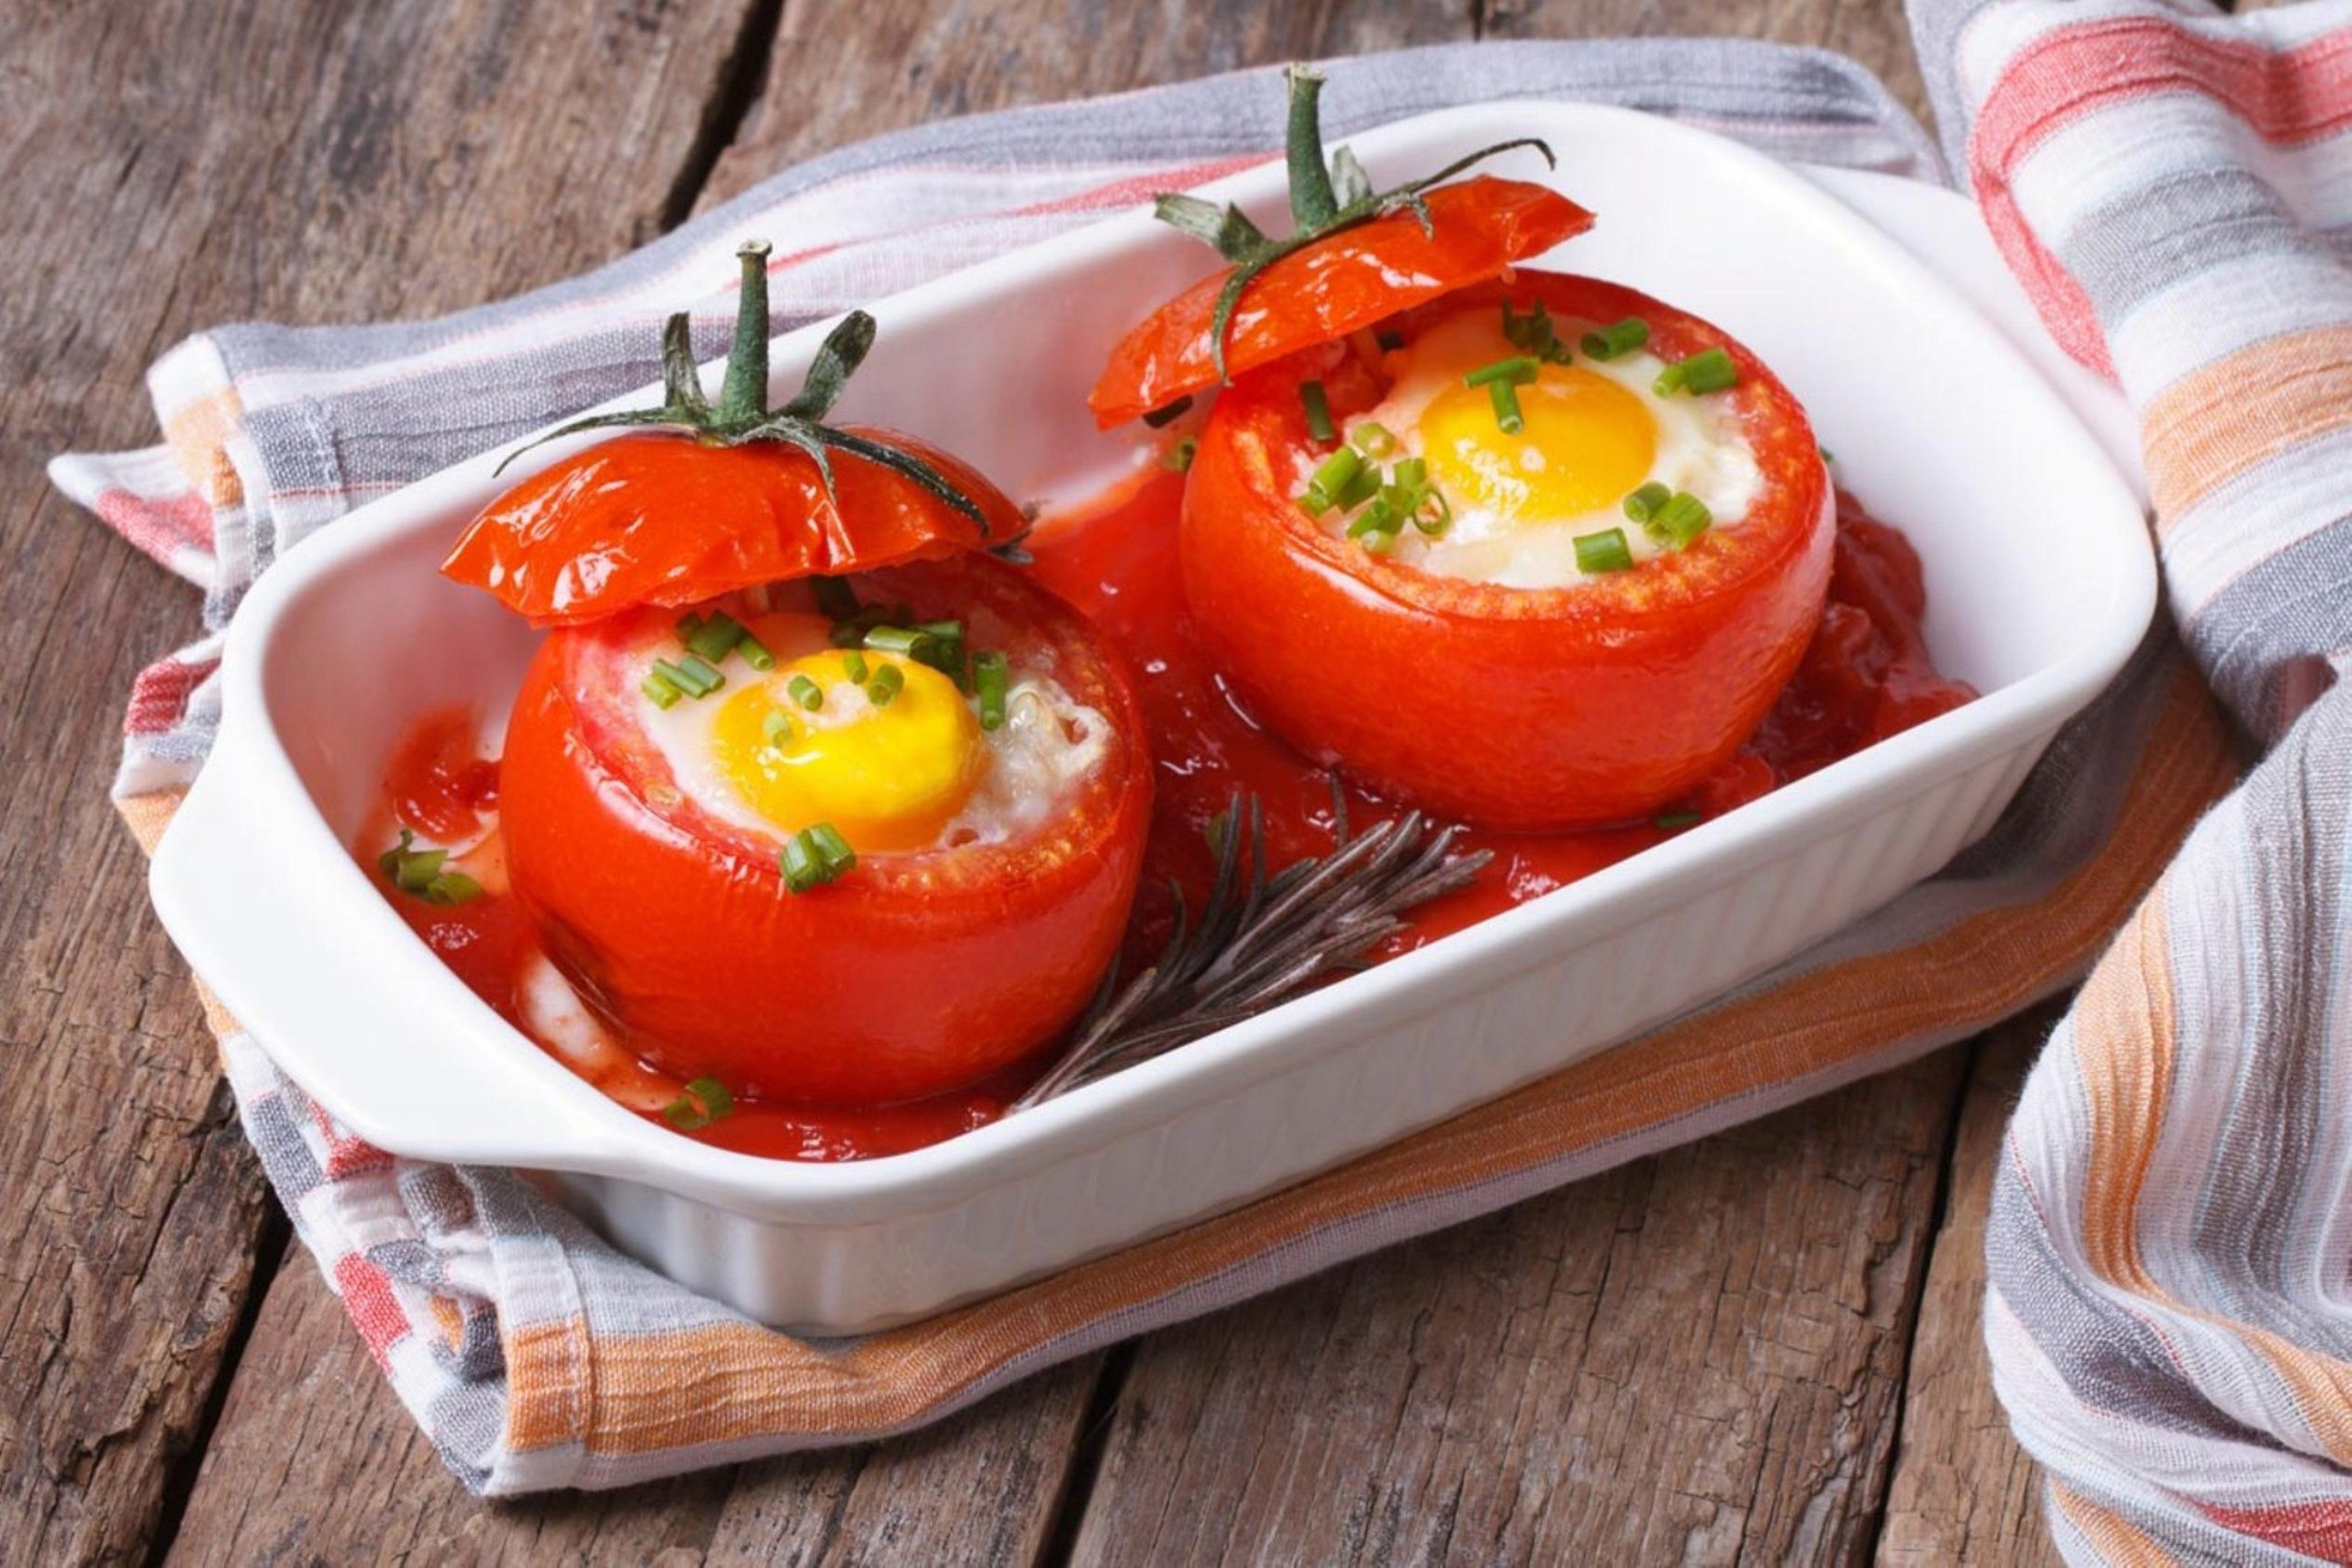 Os tomates recheados com ovo (Foto: Divulgação)